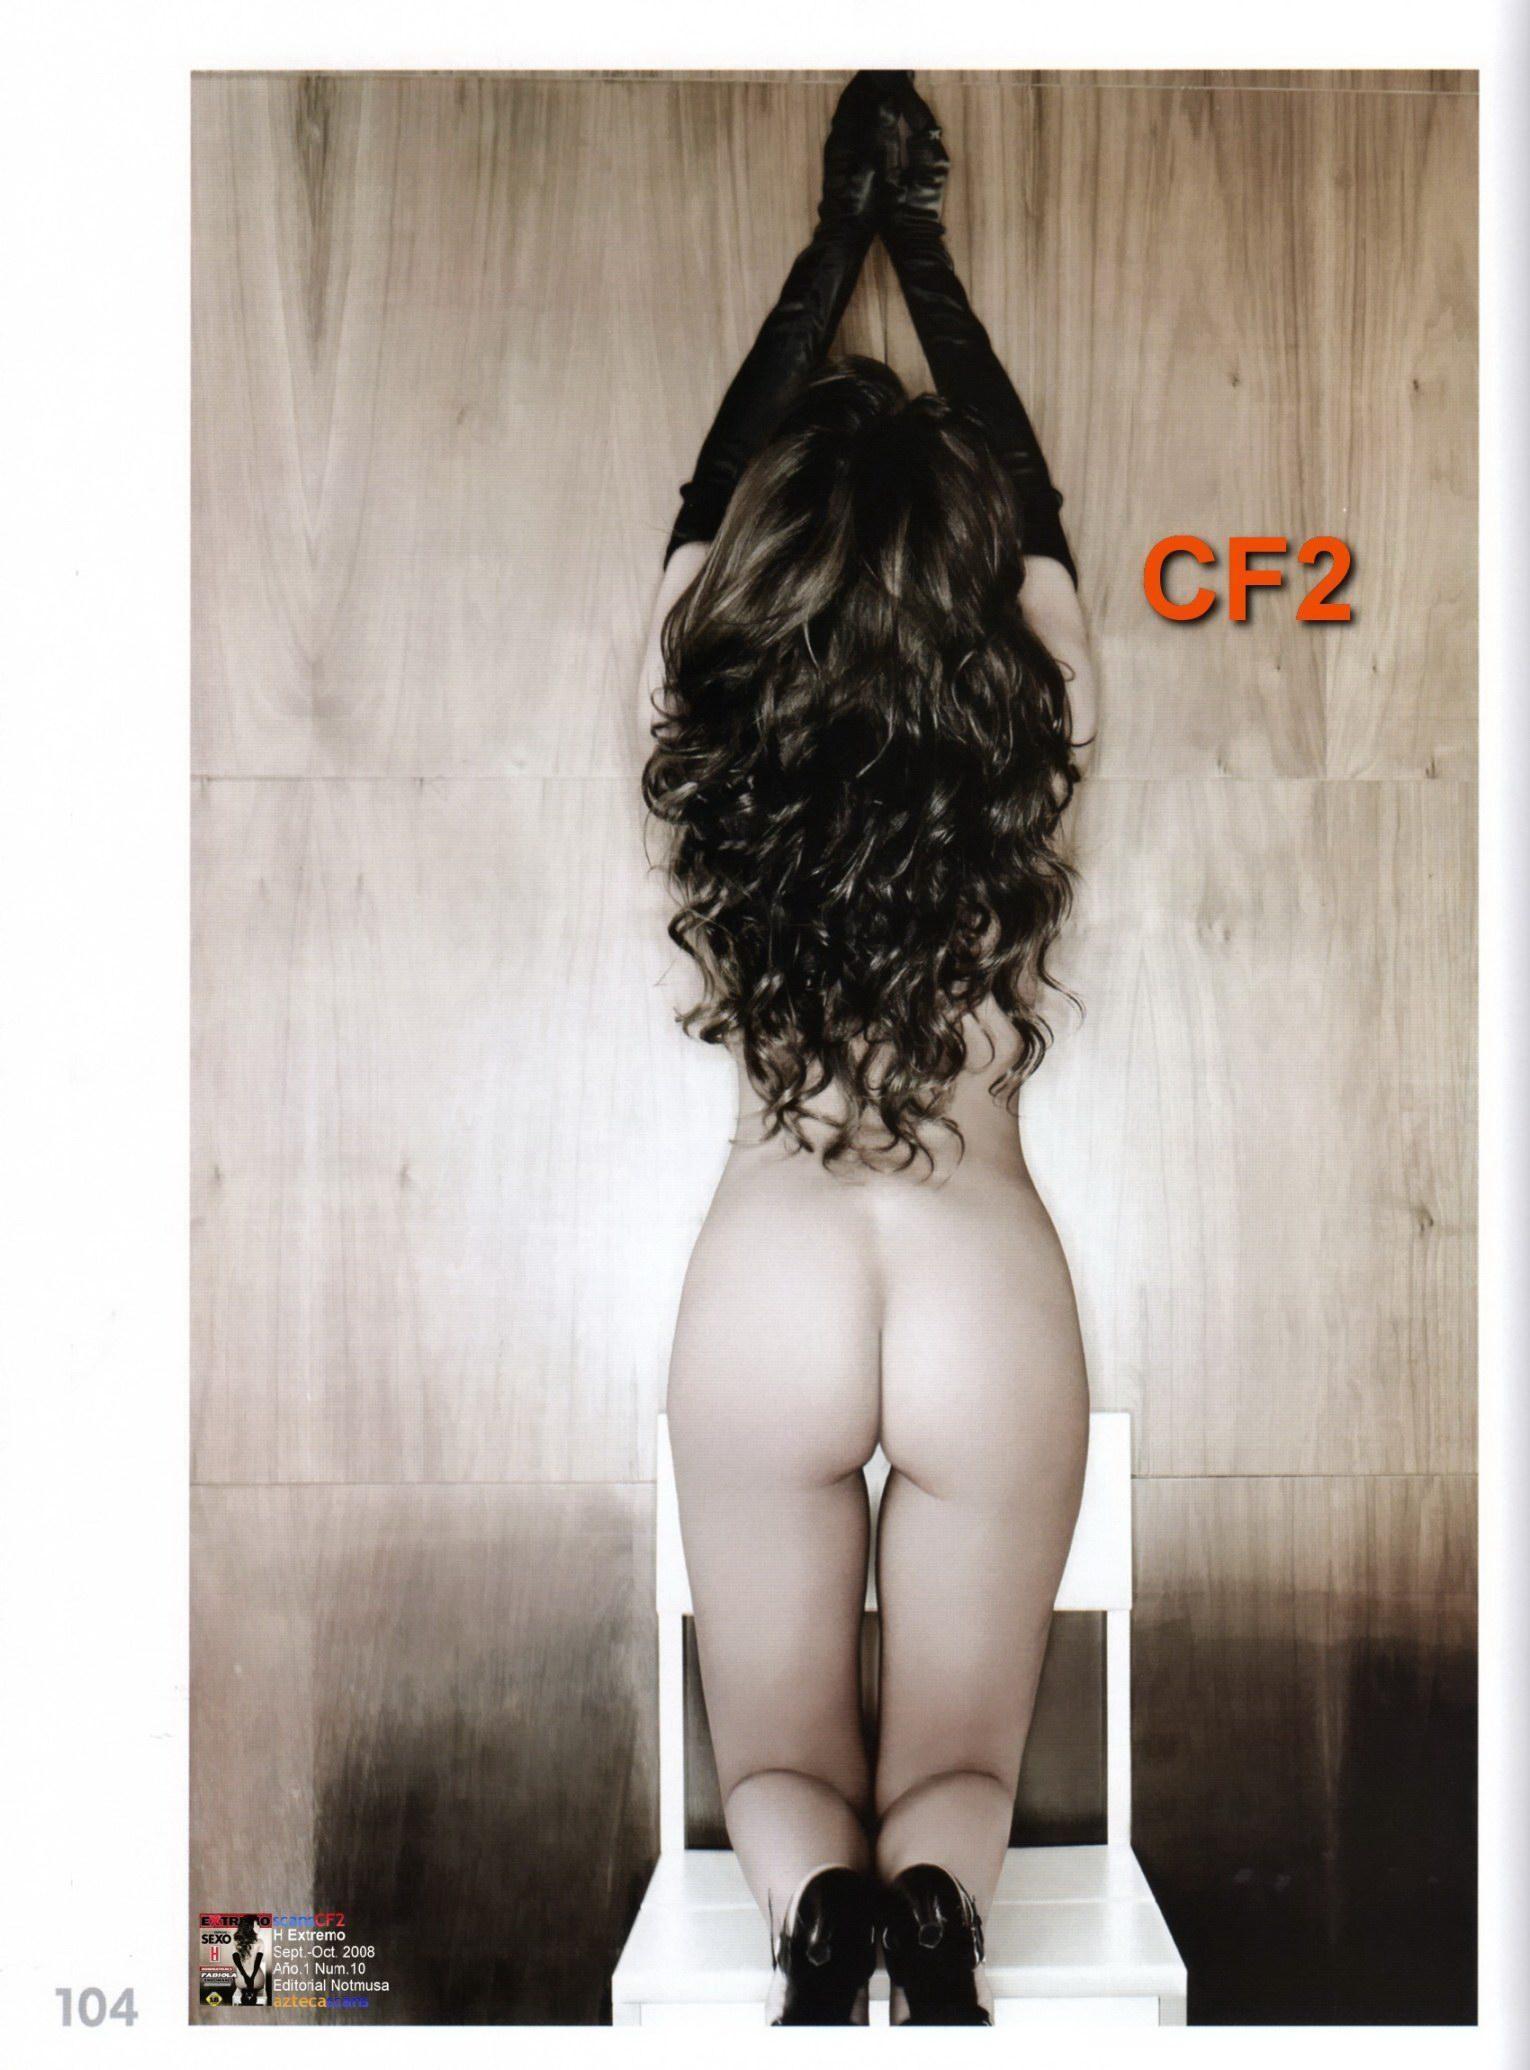 Fabiola campomanes nude pics — photo 13